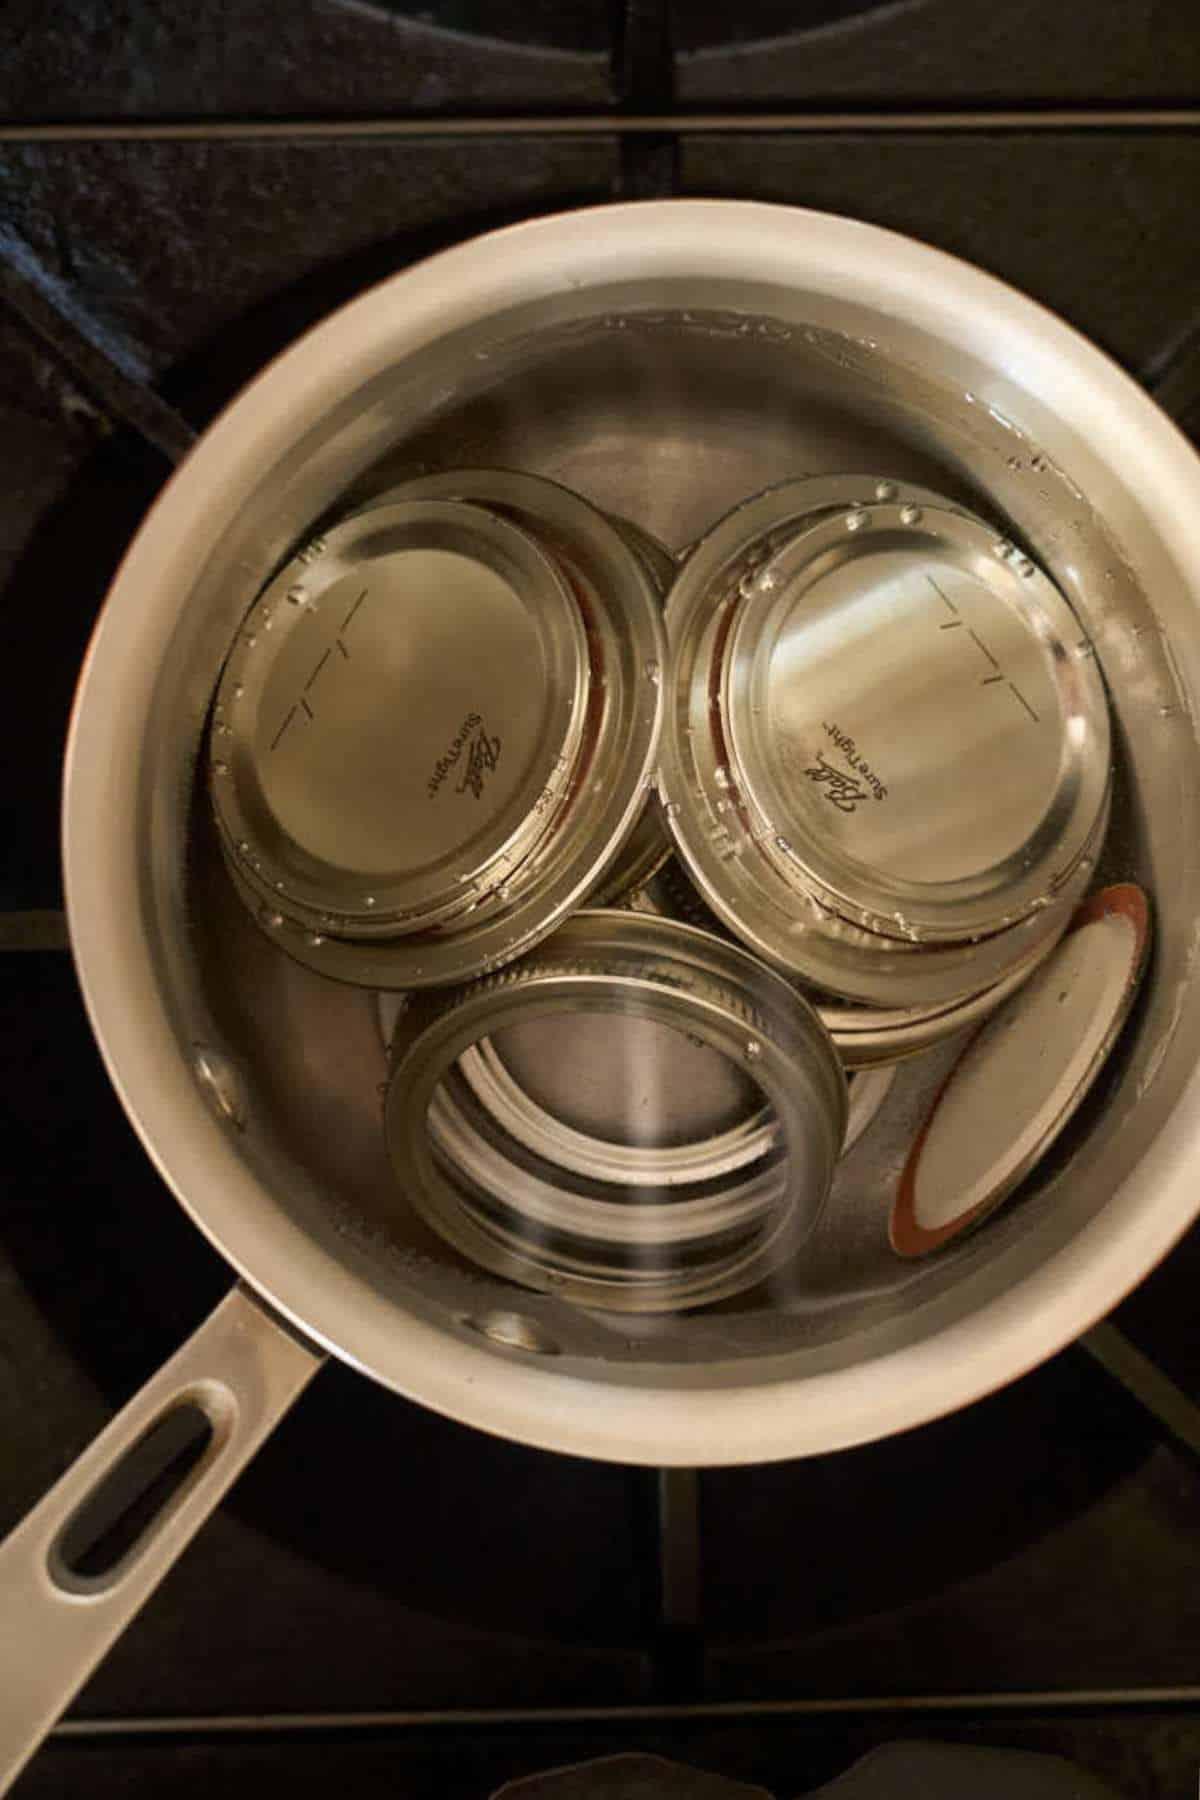 jar lids and rings in simmering water